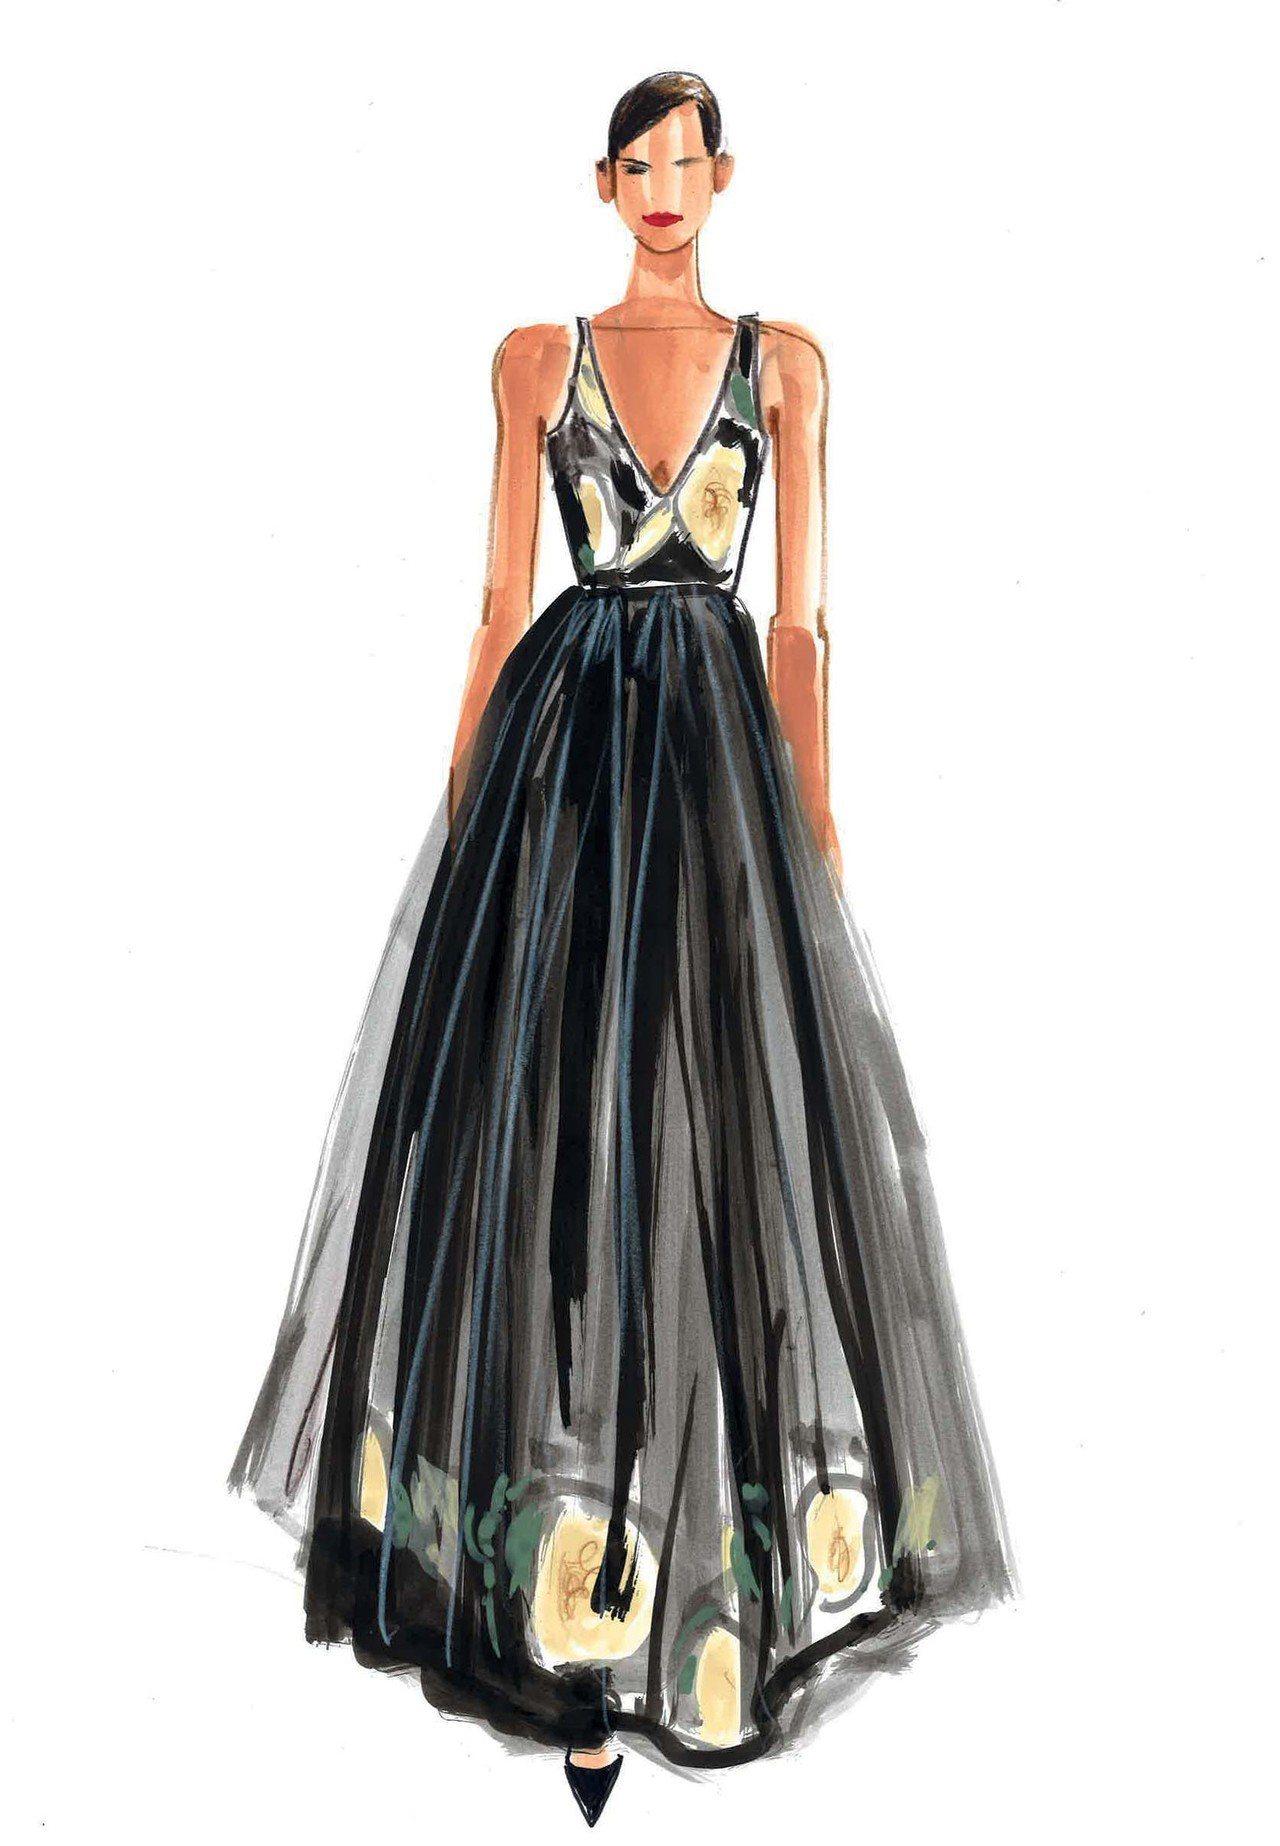 林志玲H&M柑橘纖維訂製款禮服手稿。圖/H&M提供